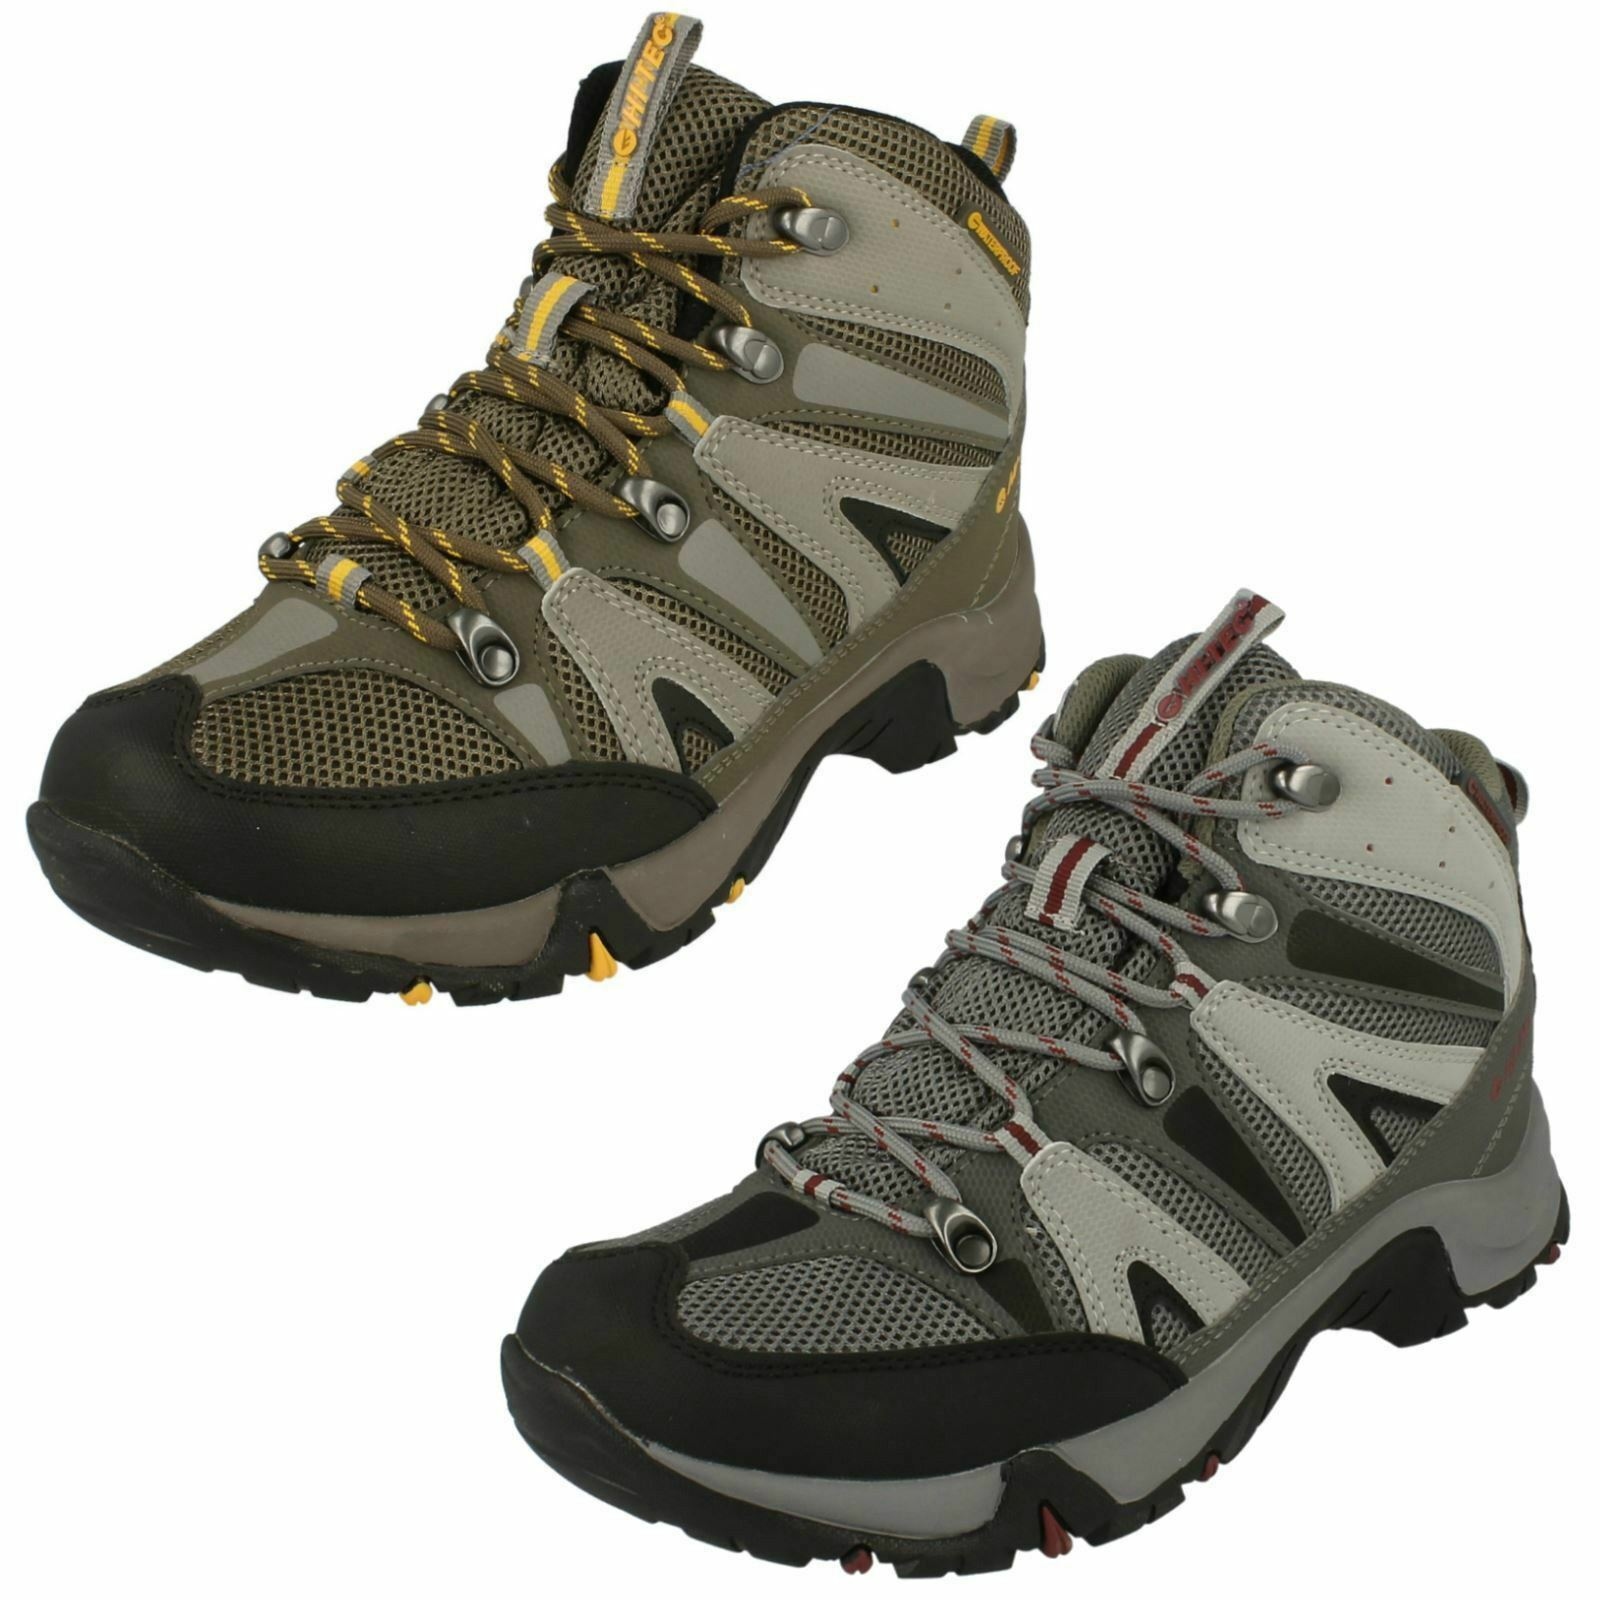 Mens Hi-Tec Casual Waterproof Lace Up Hiking Boots - Condor